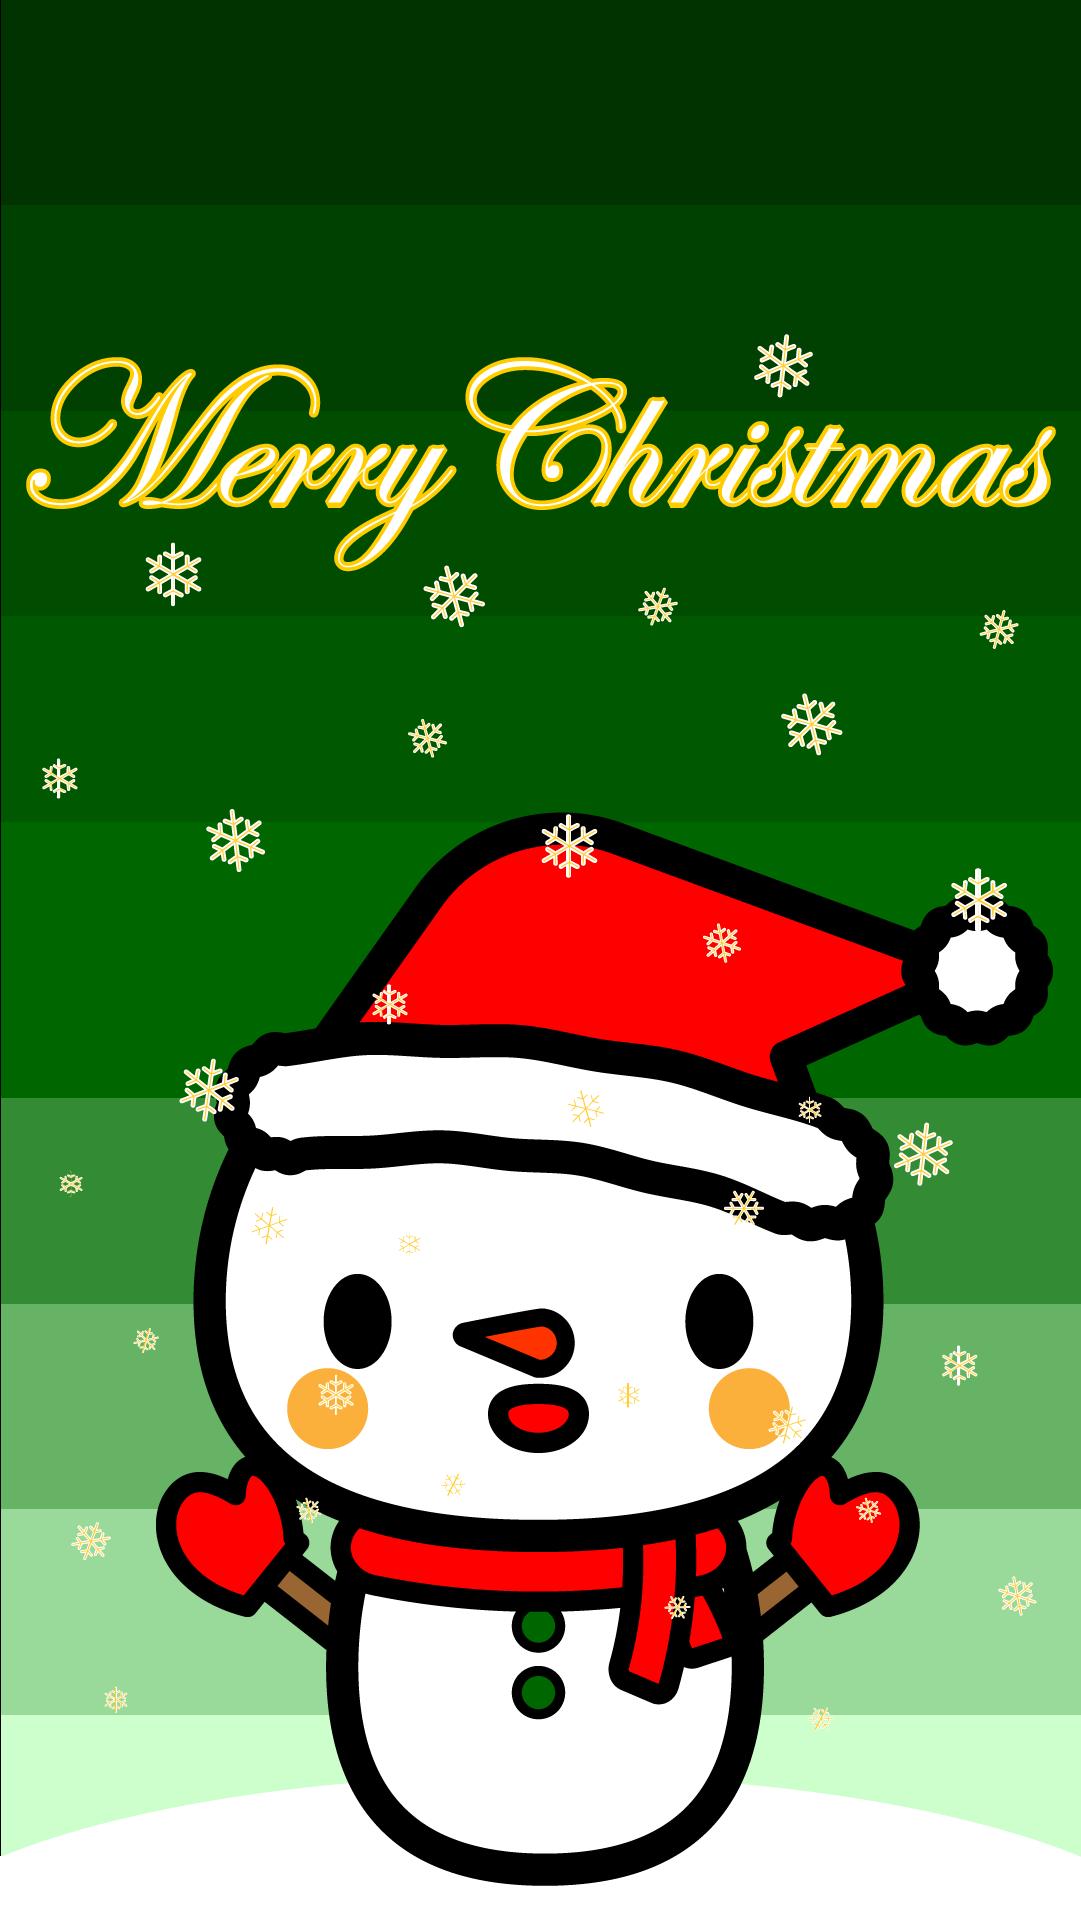 wallpaper6_christmas-snowman-green-iphone